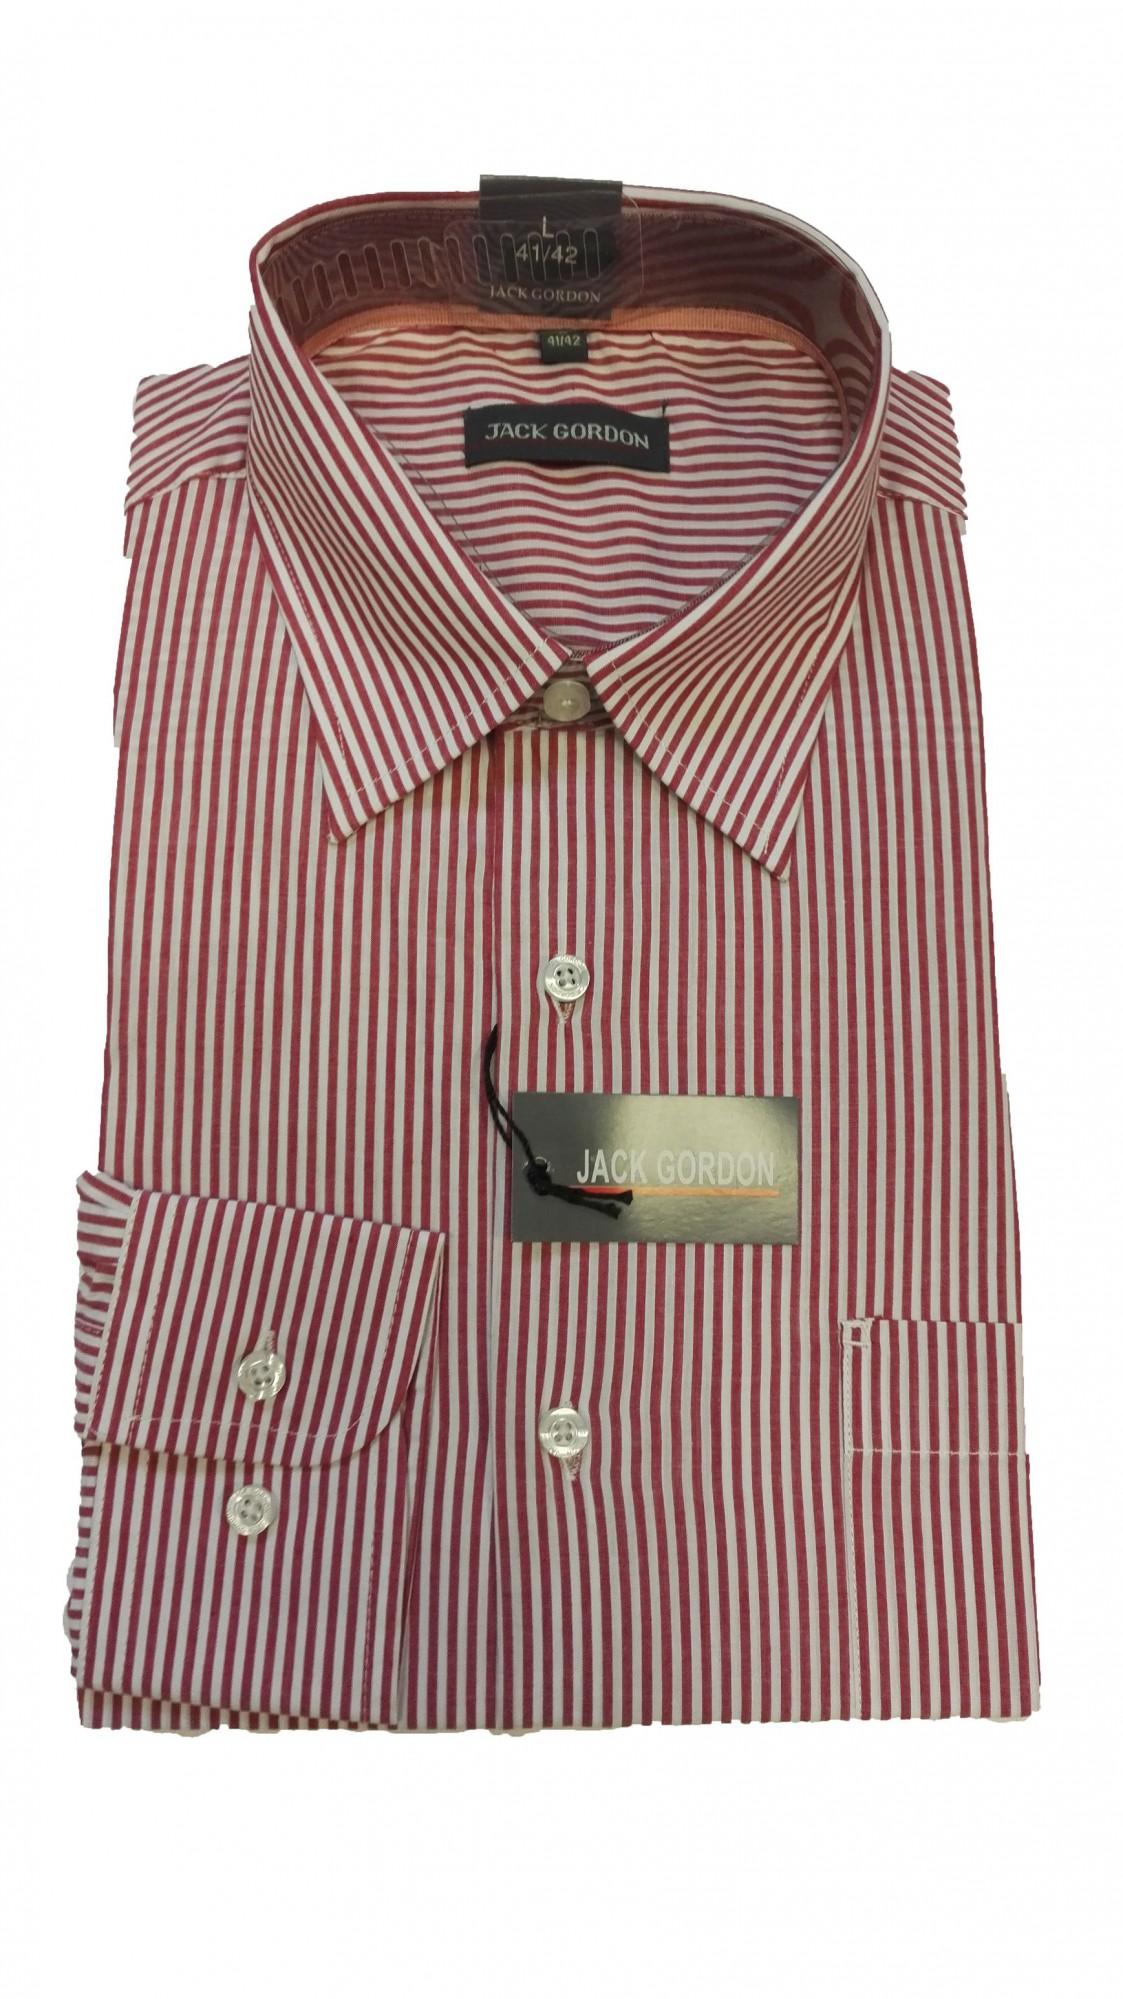 Herren Hemd langarm Streifen gestreift -auch in Übergrösse bis 6XL - 8019+20 – Bild 2